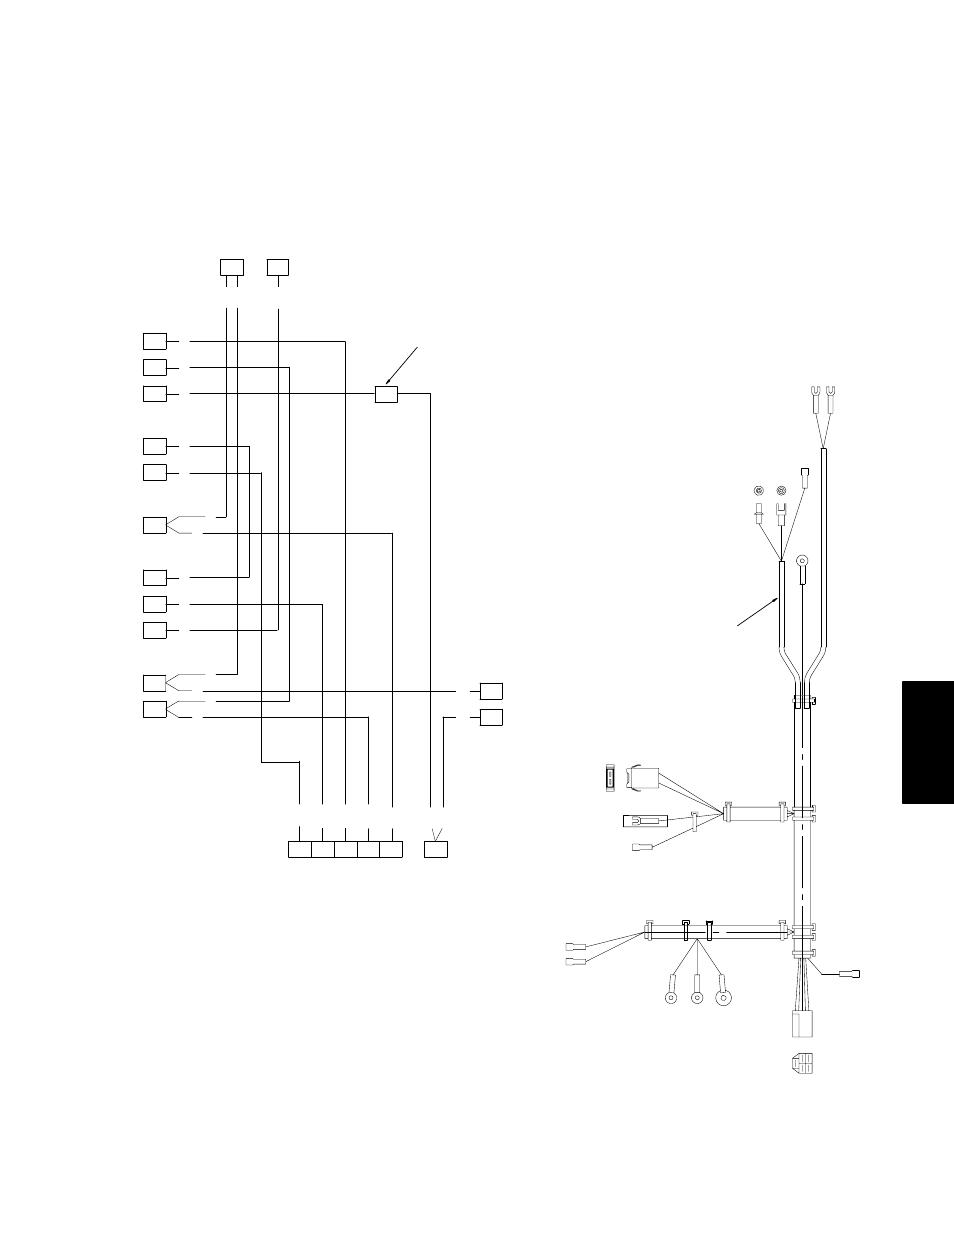 toro wiring harness 106 8396